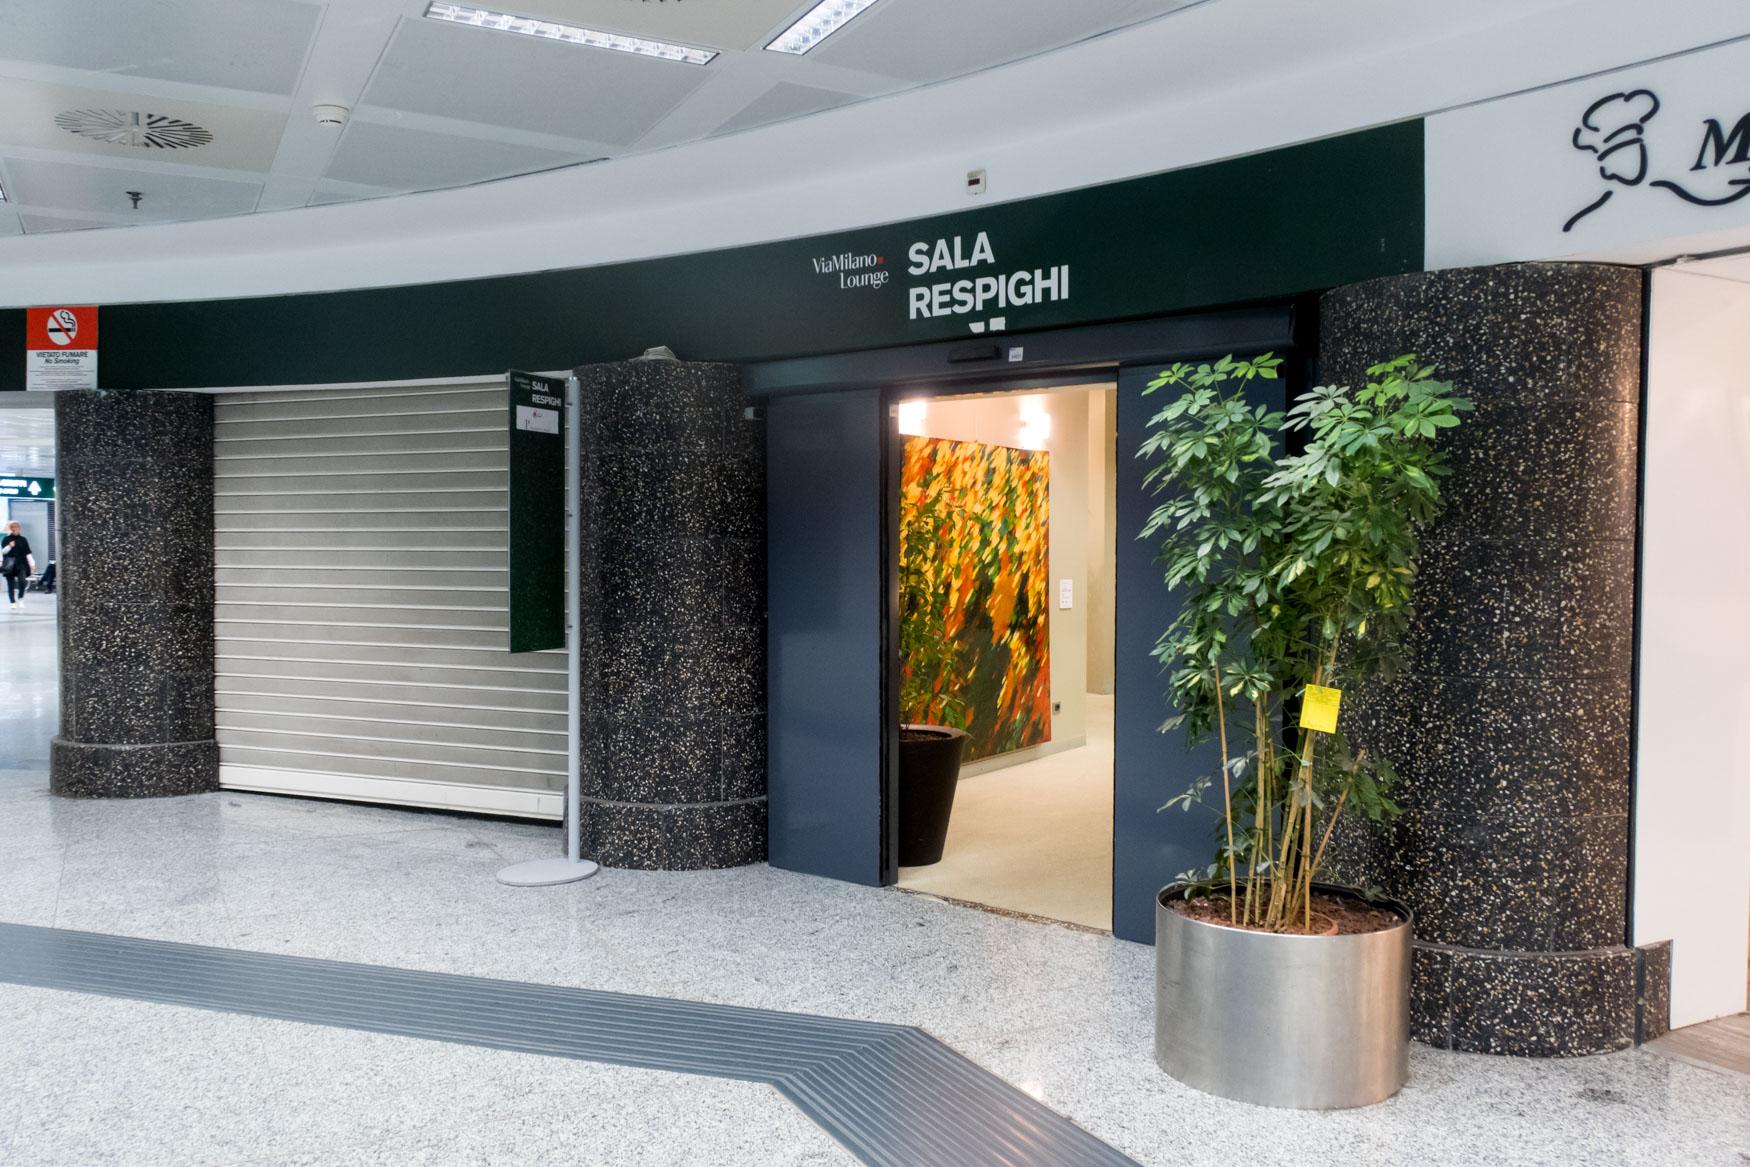 Club S.E.A. Sala Respighi Milan Malpensa Entrance